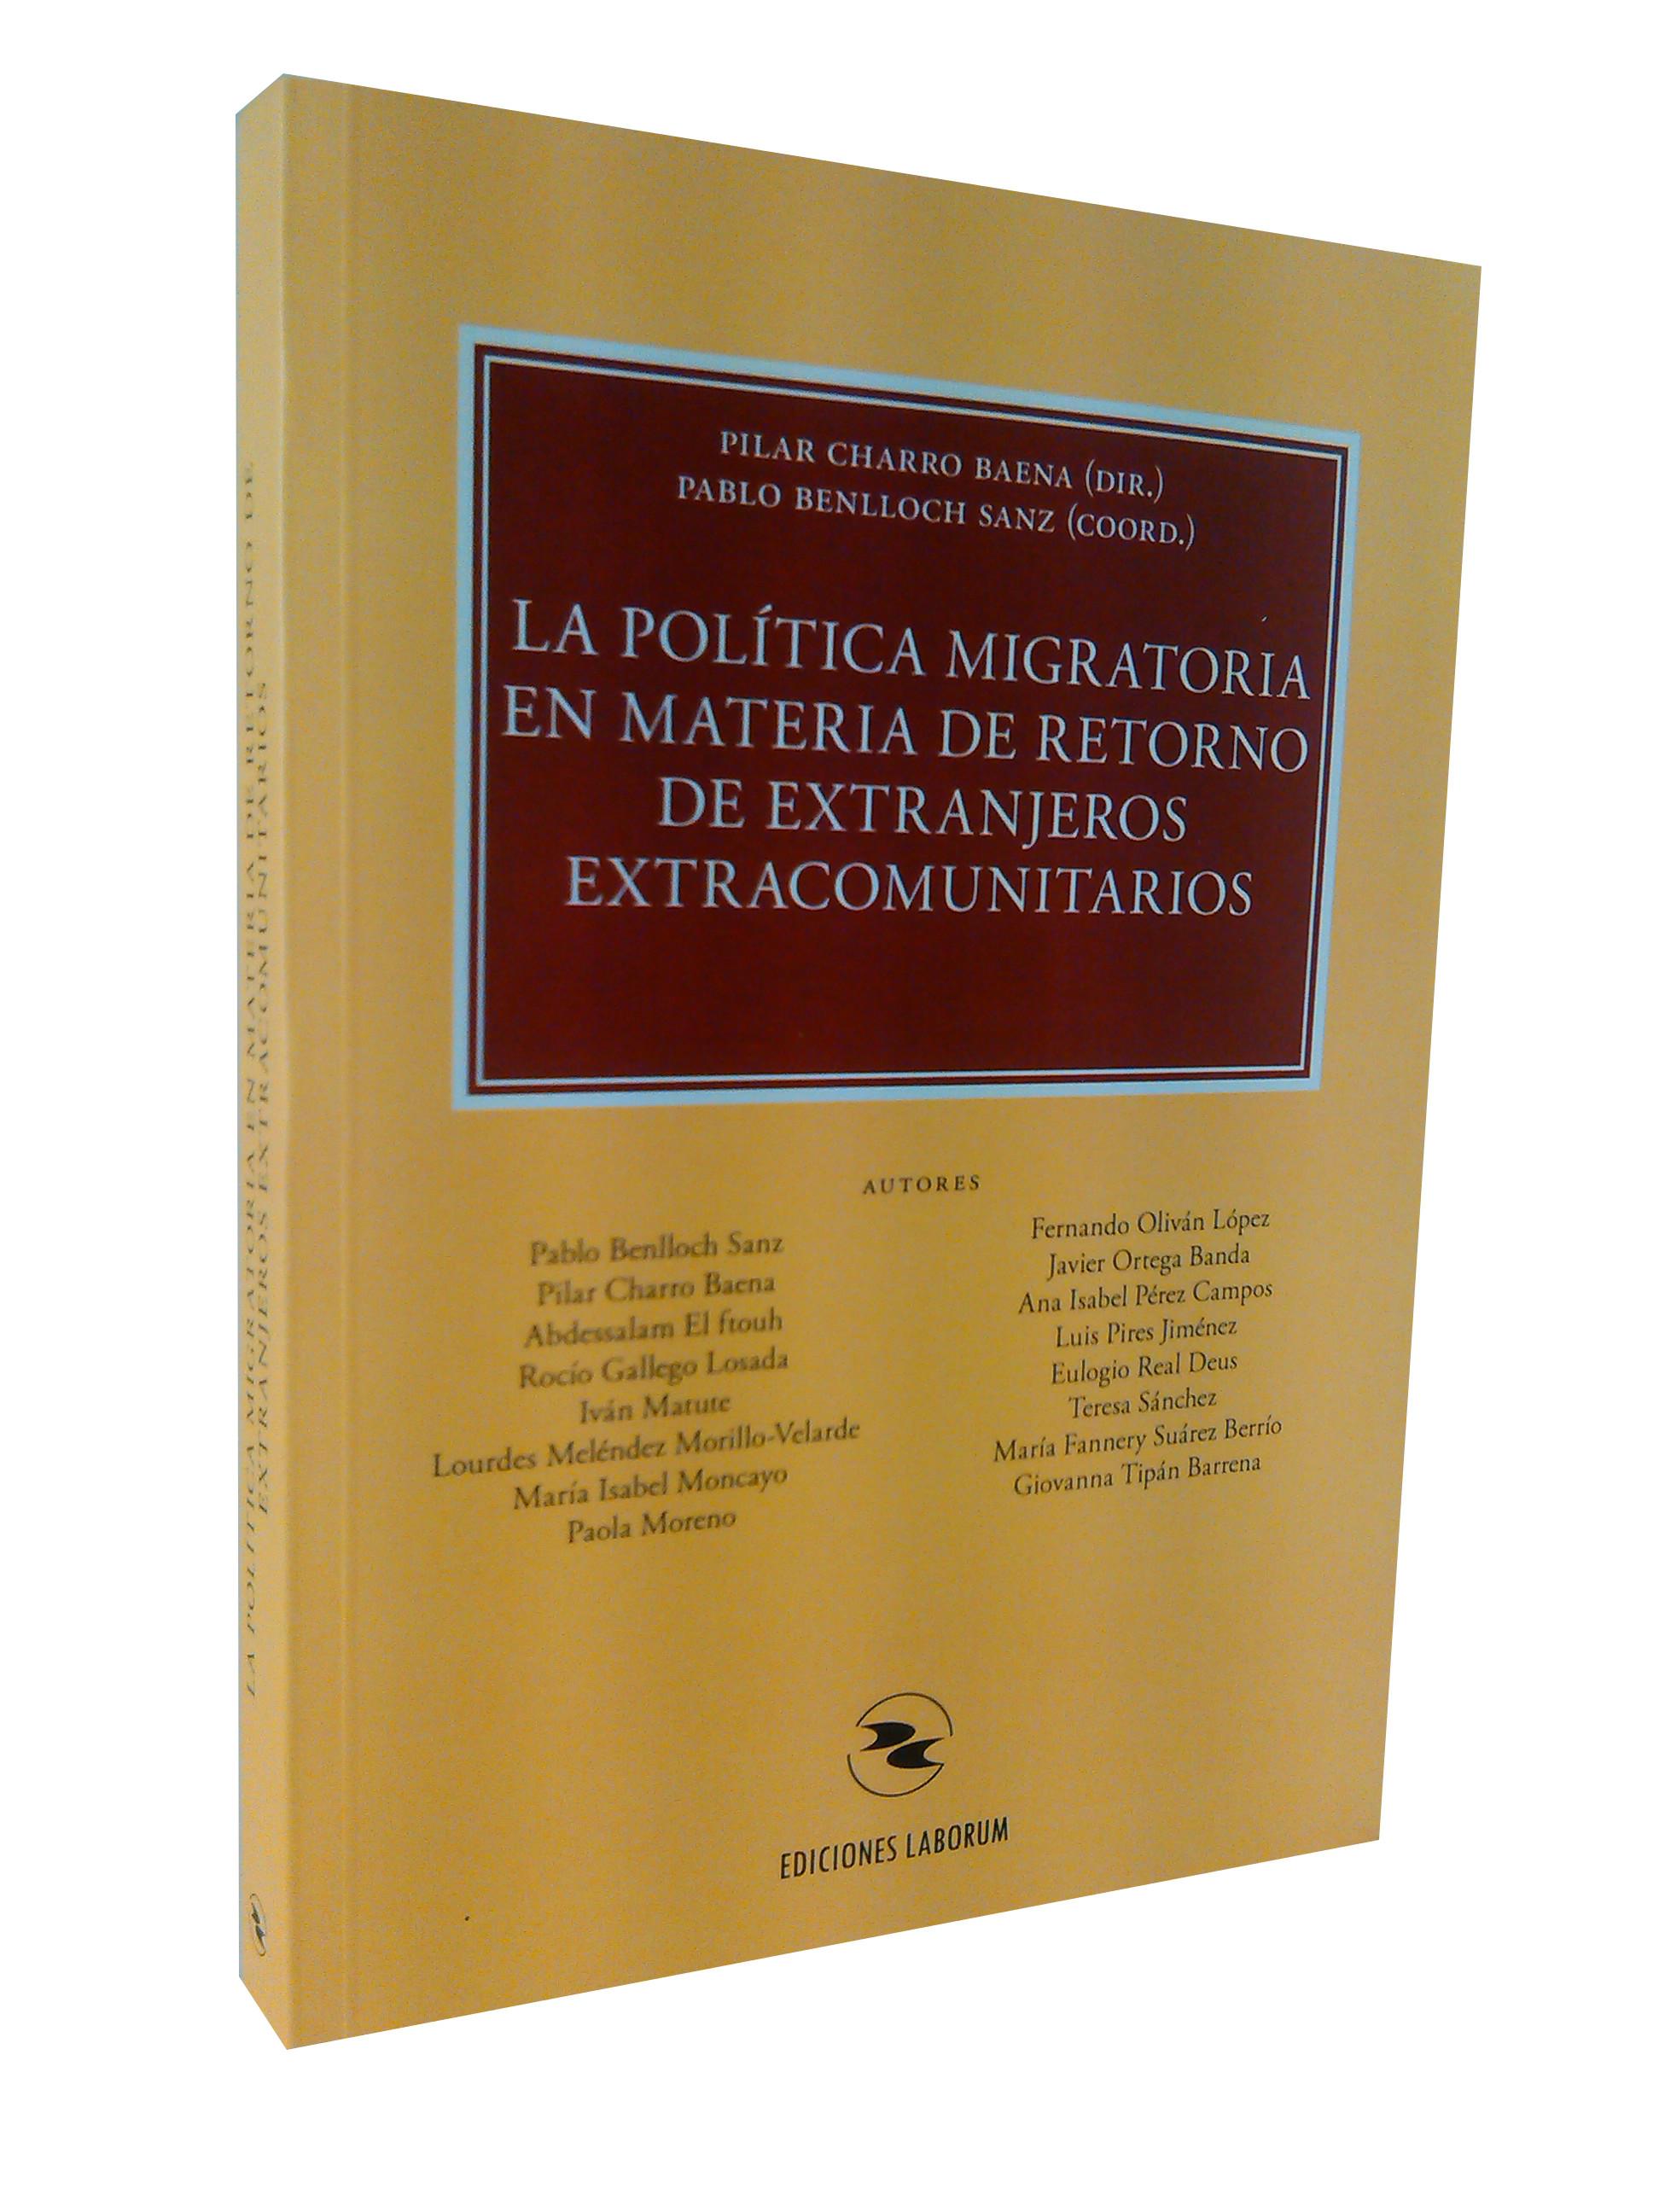 La política migratoria en materia de retorno de extranjeros extracomunitarios